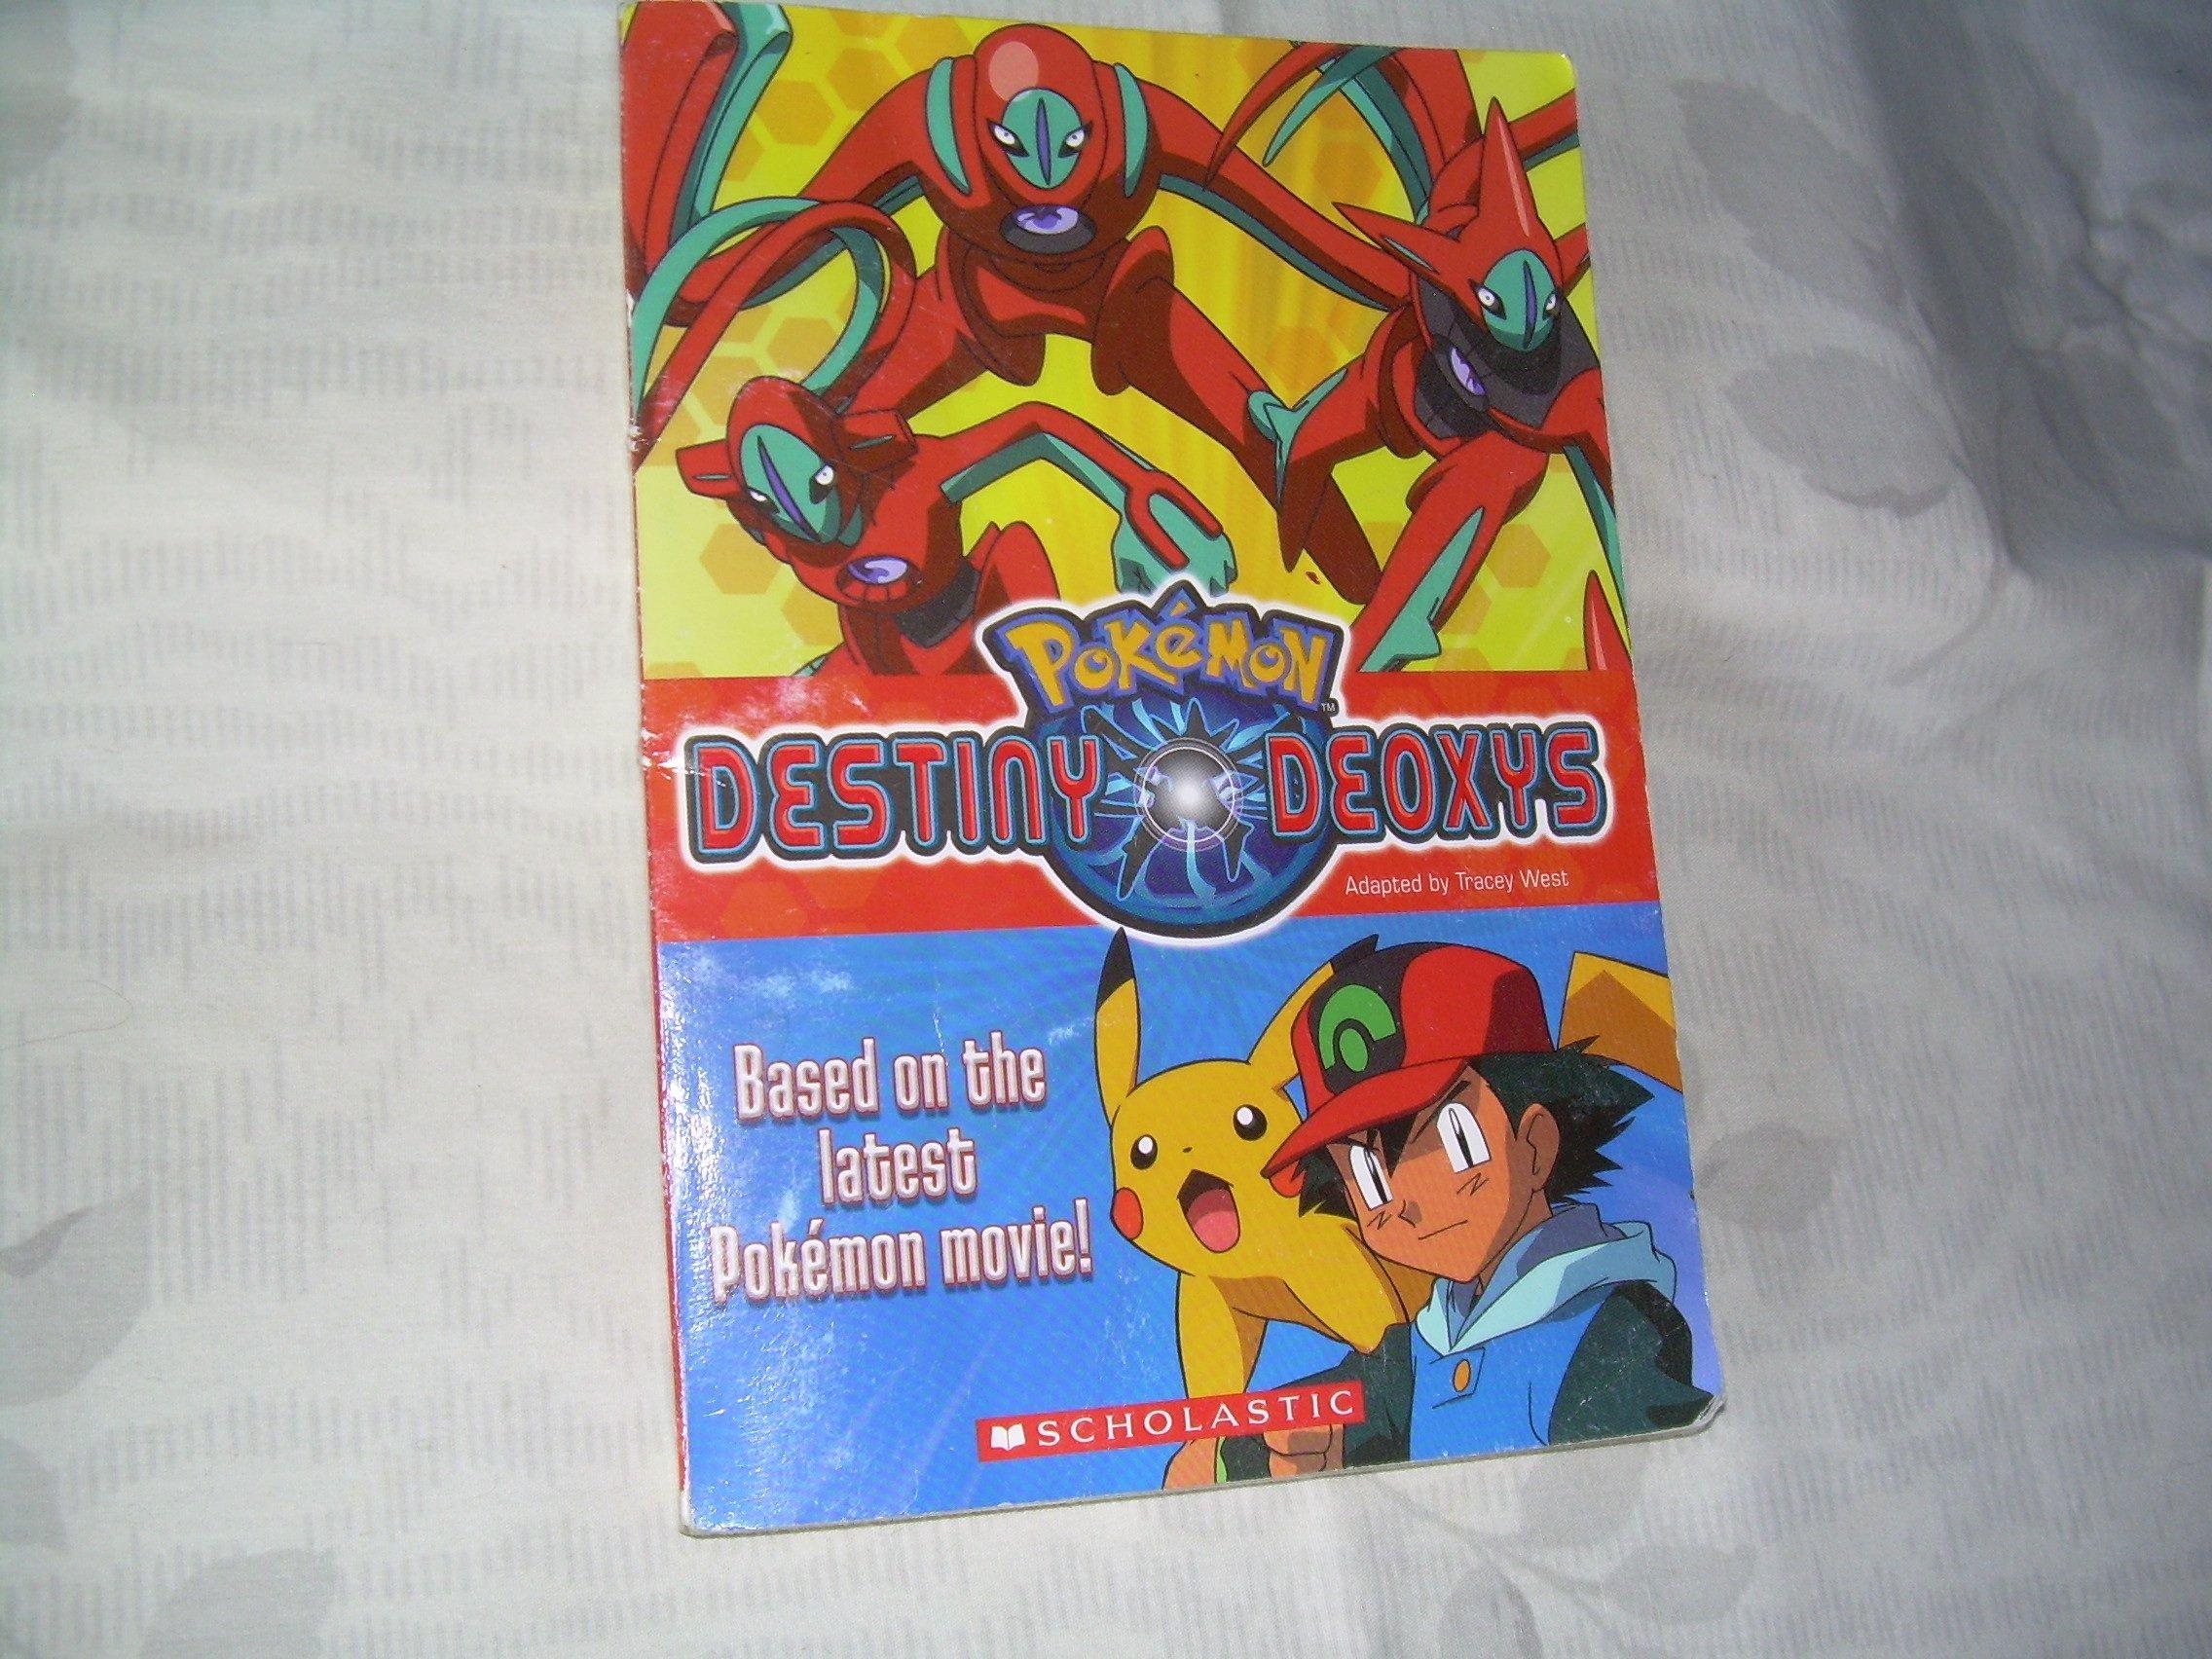 Pokemon Destiny Deoxys Tracey West 9780439741453 Amazon Com Books